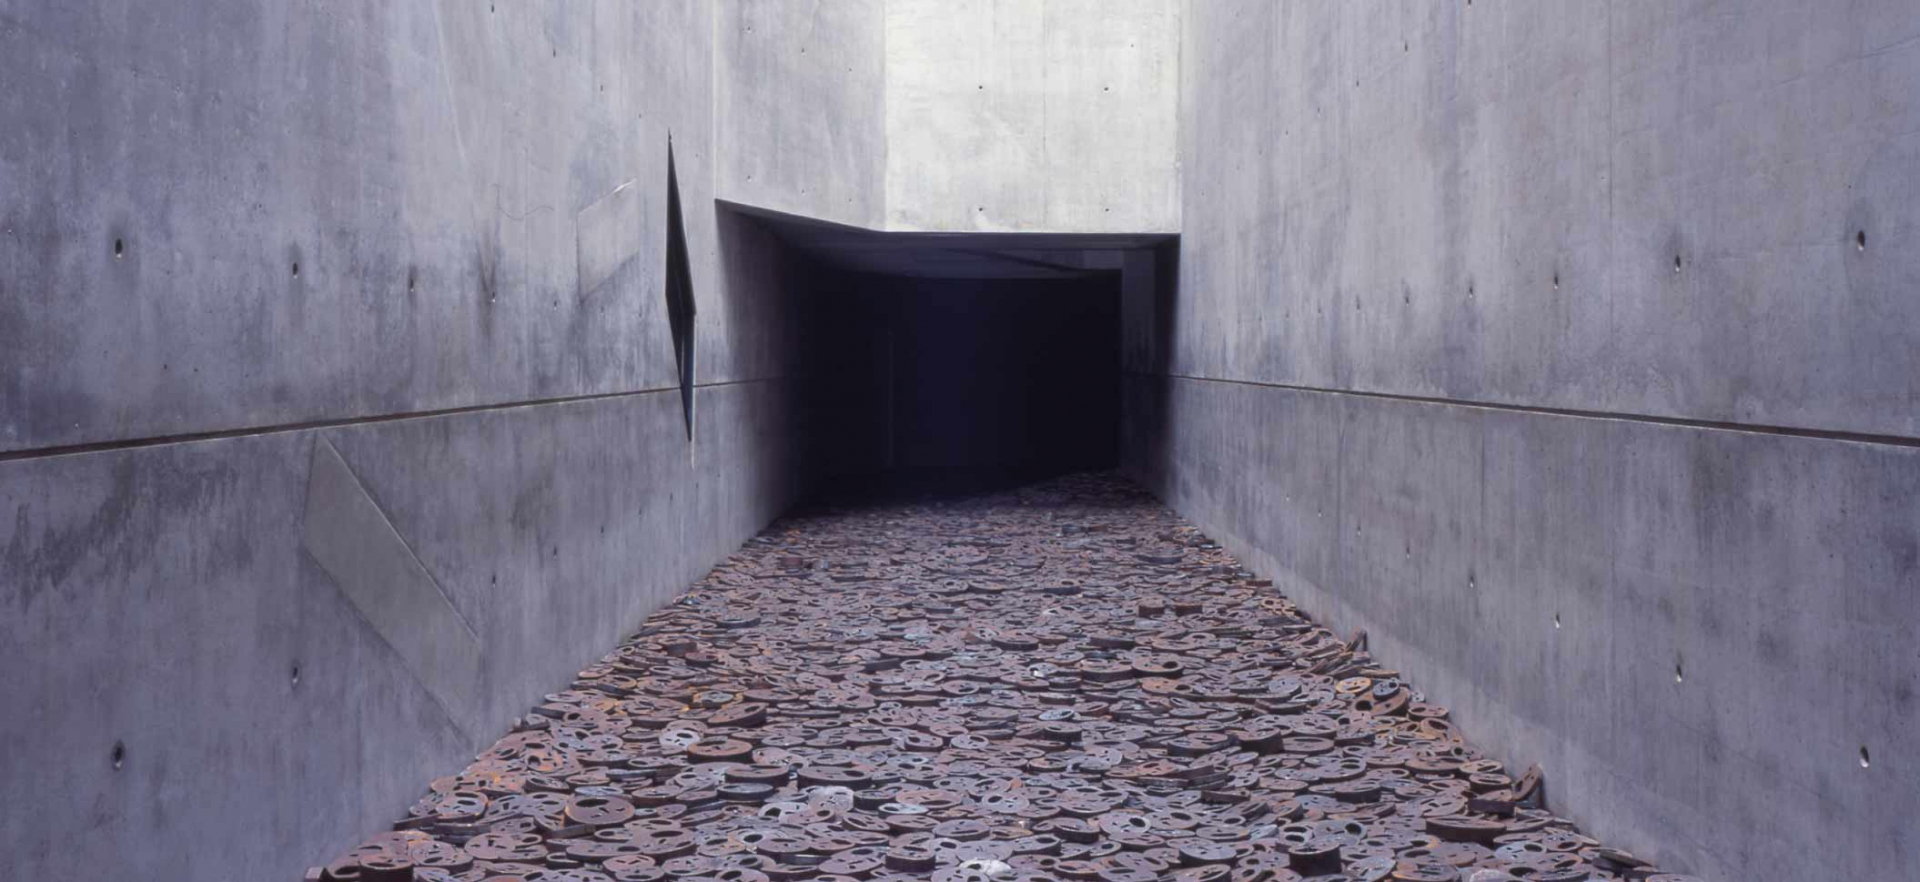 Ein Gang mit kahlen Betonwänden, der sich im Dunkeln verliert. Der Boden ist übersät mit dicken Metallscheiben, in die Gesichter mit aufgrissenen Mündern gesägt wurden.